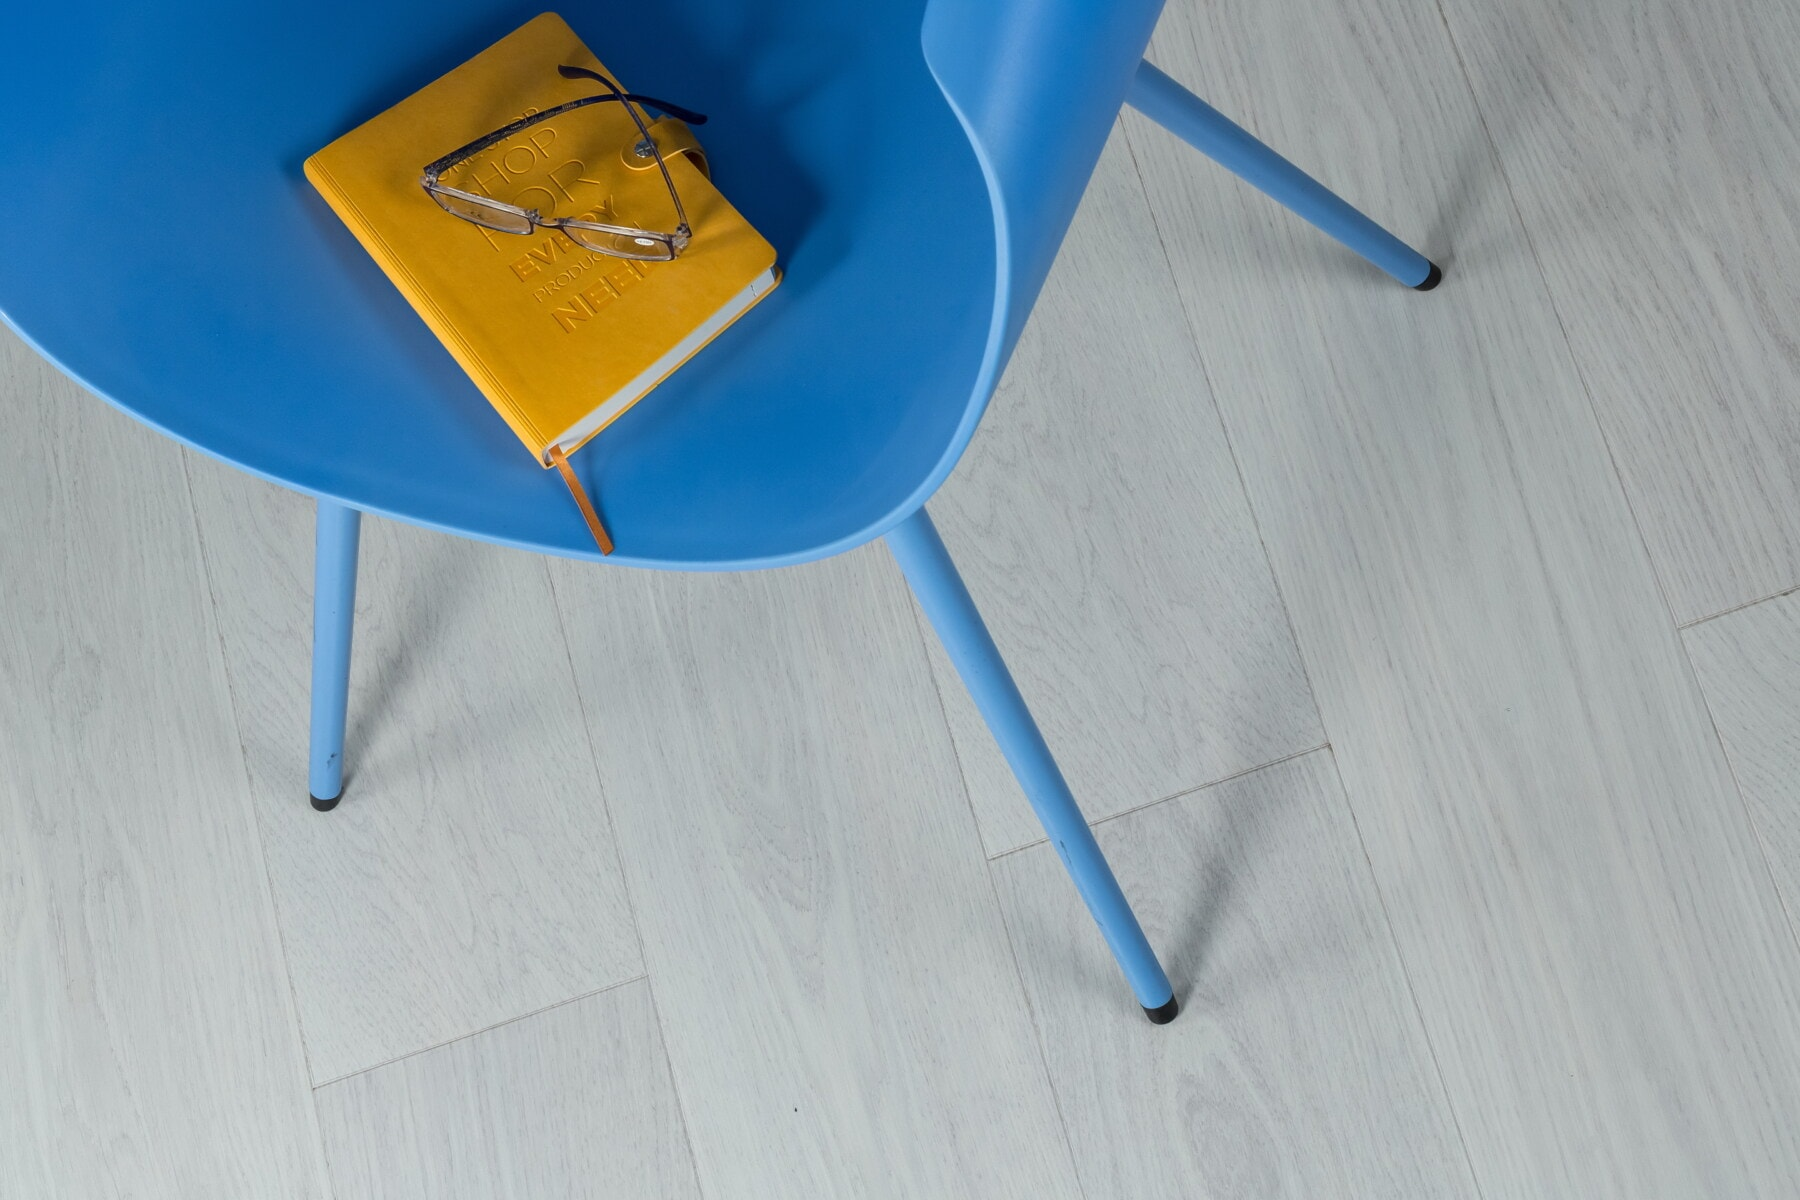 Roman, gul, bok, lesing, briller, stol, blå, tre, møbler, tom